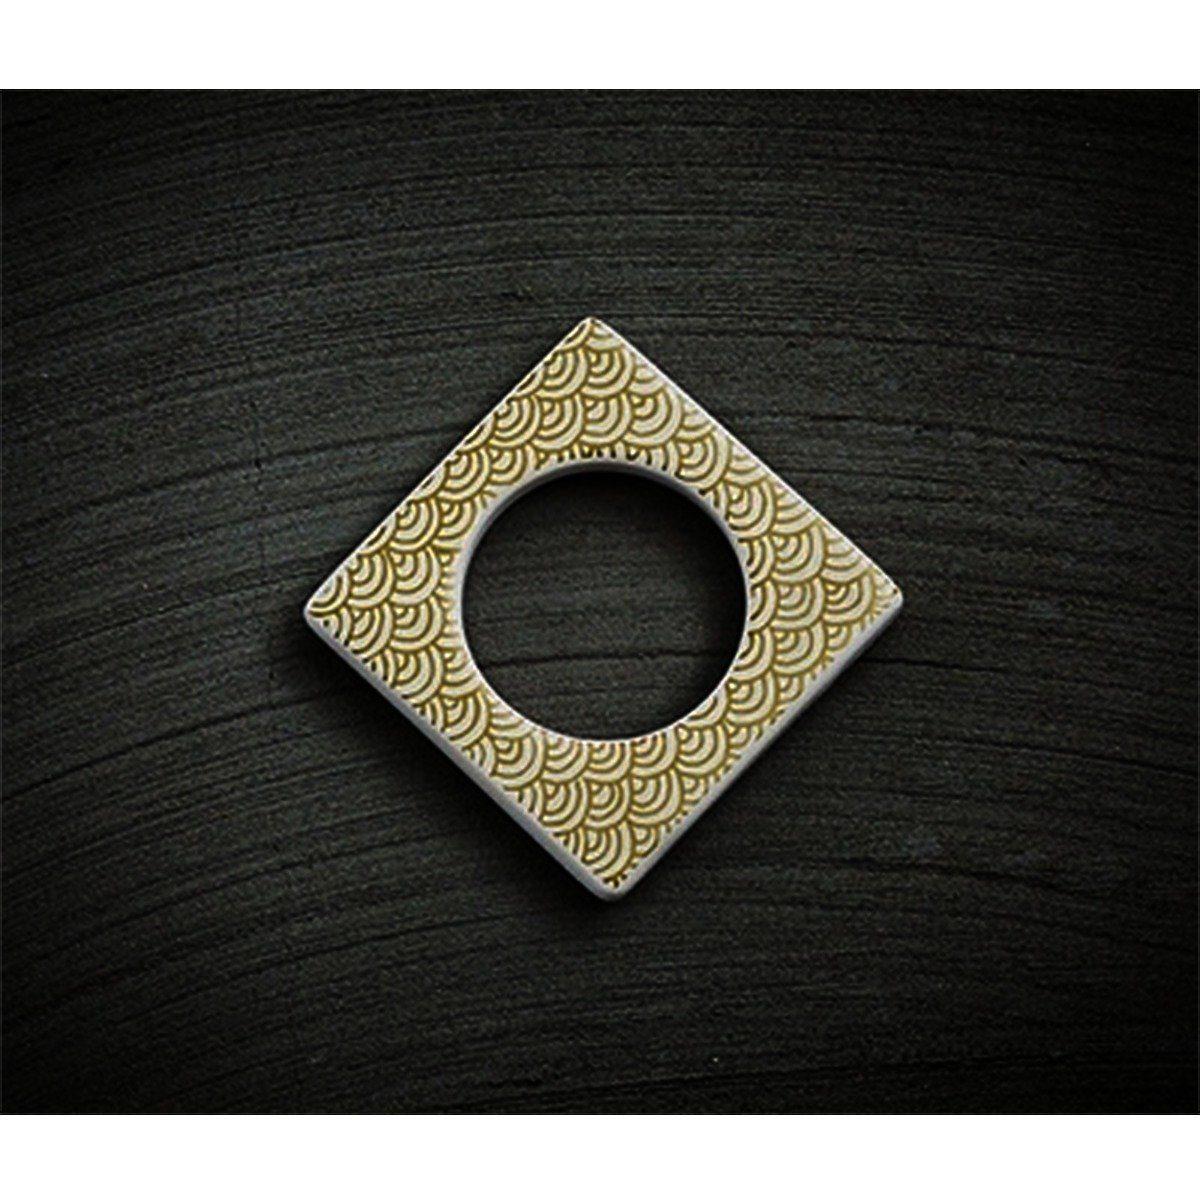 CULTDESIGN Cult Design Manschette für Teelichthalter gold weiß